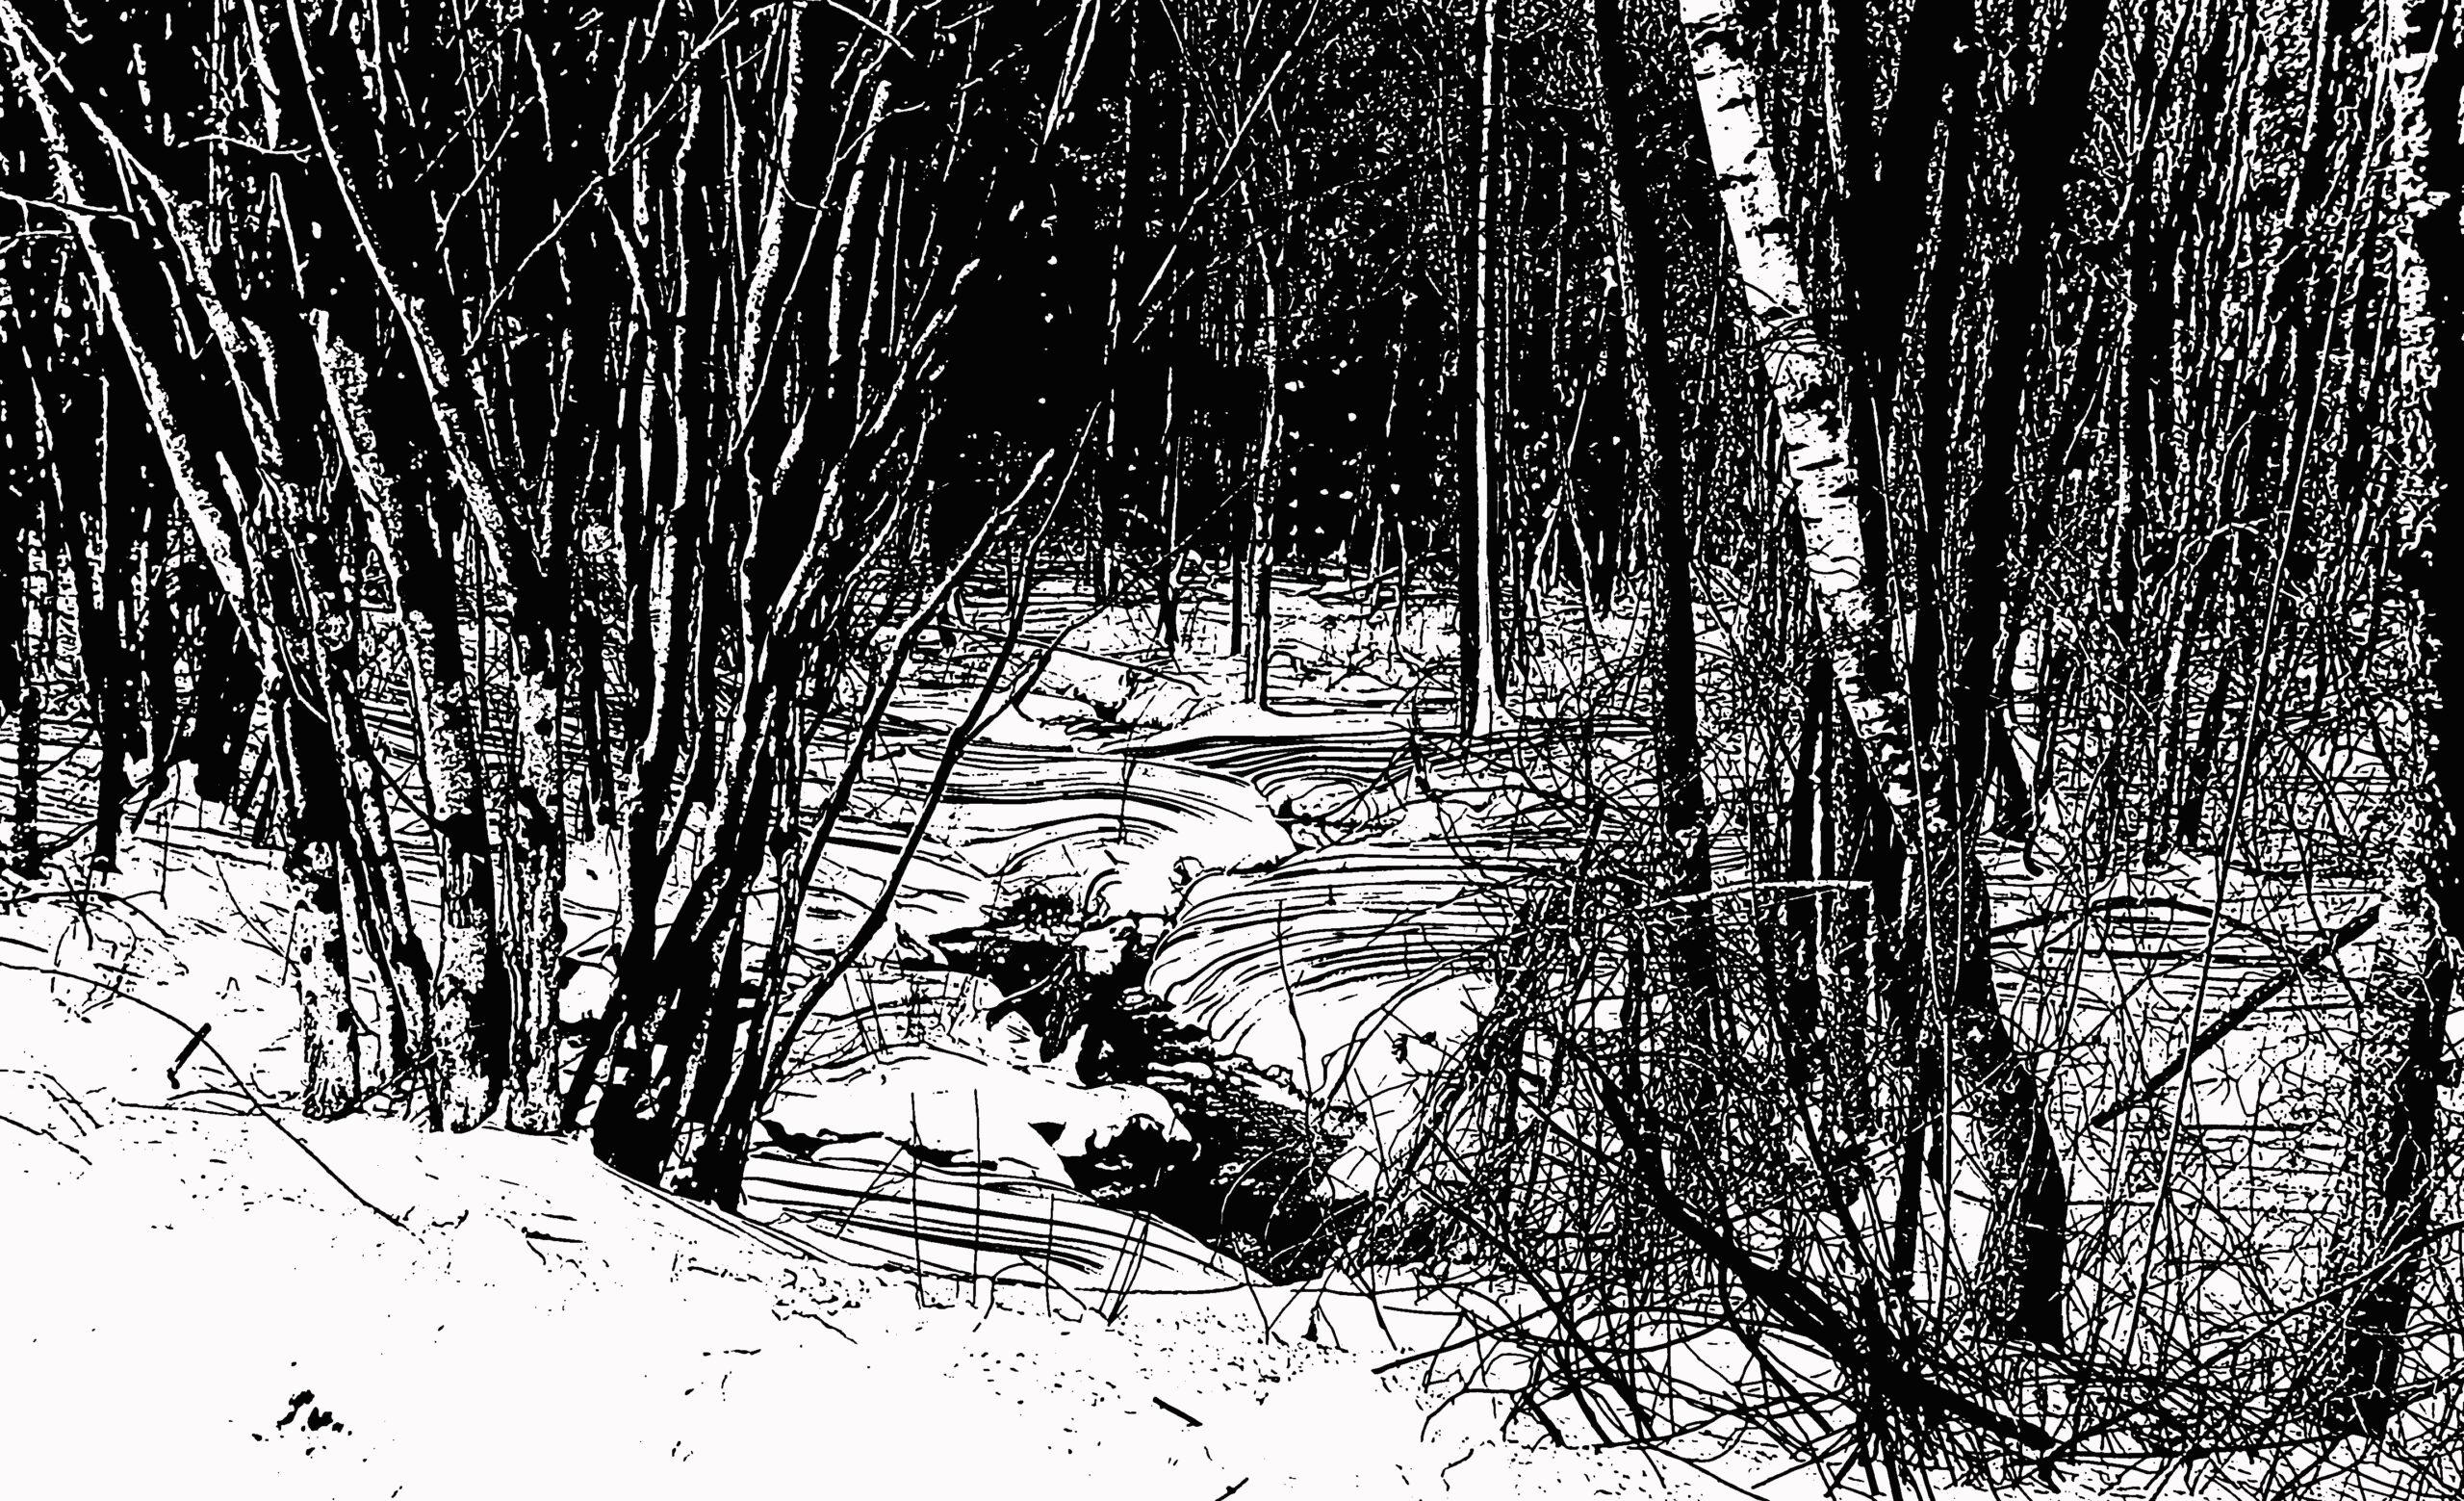 Brook in Snowy Woods